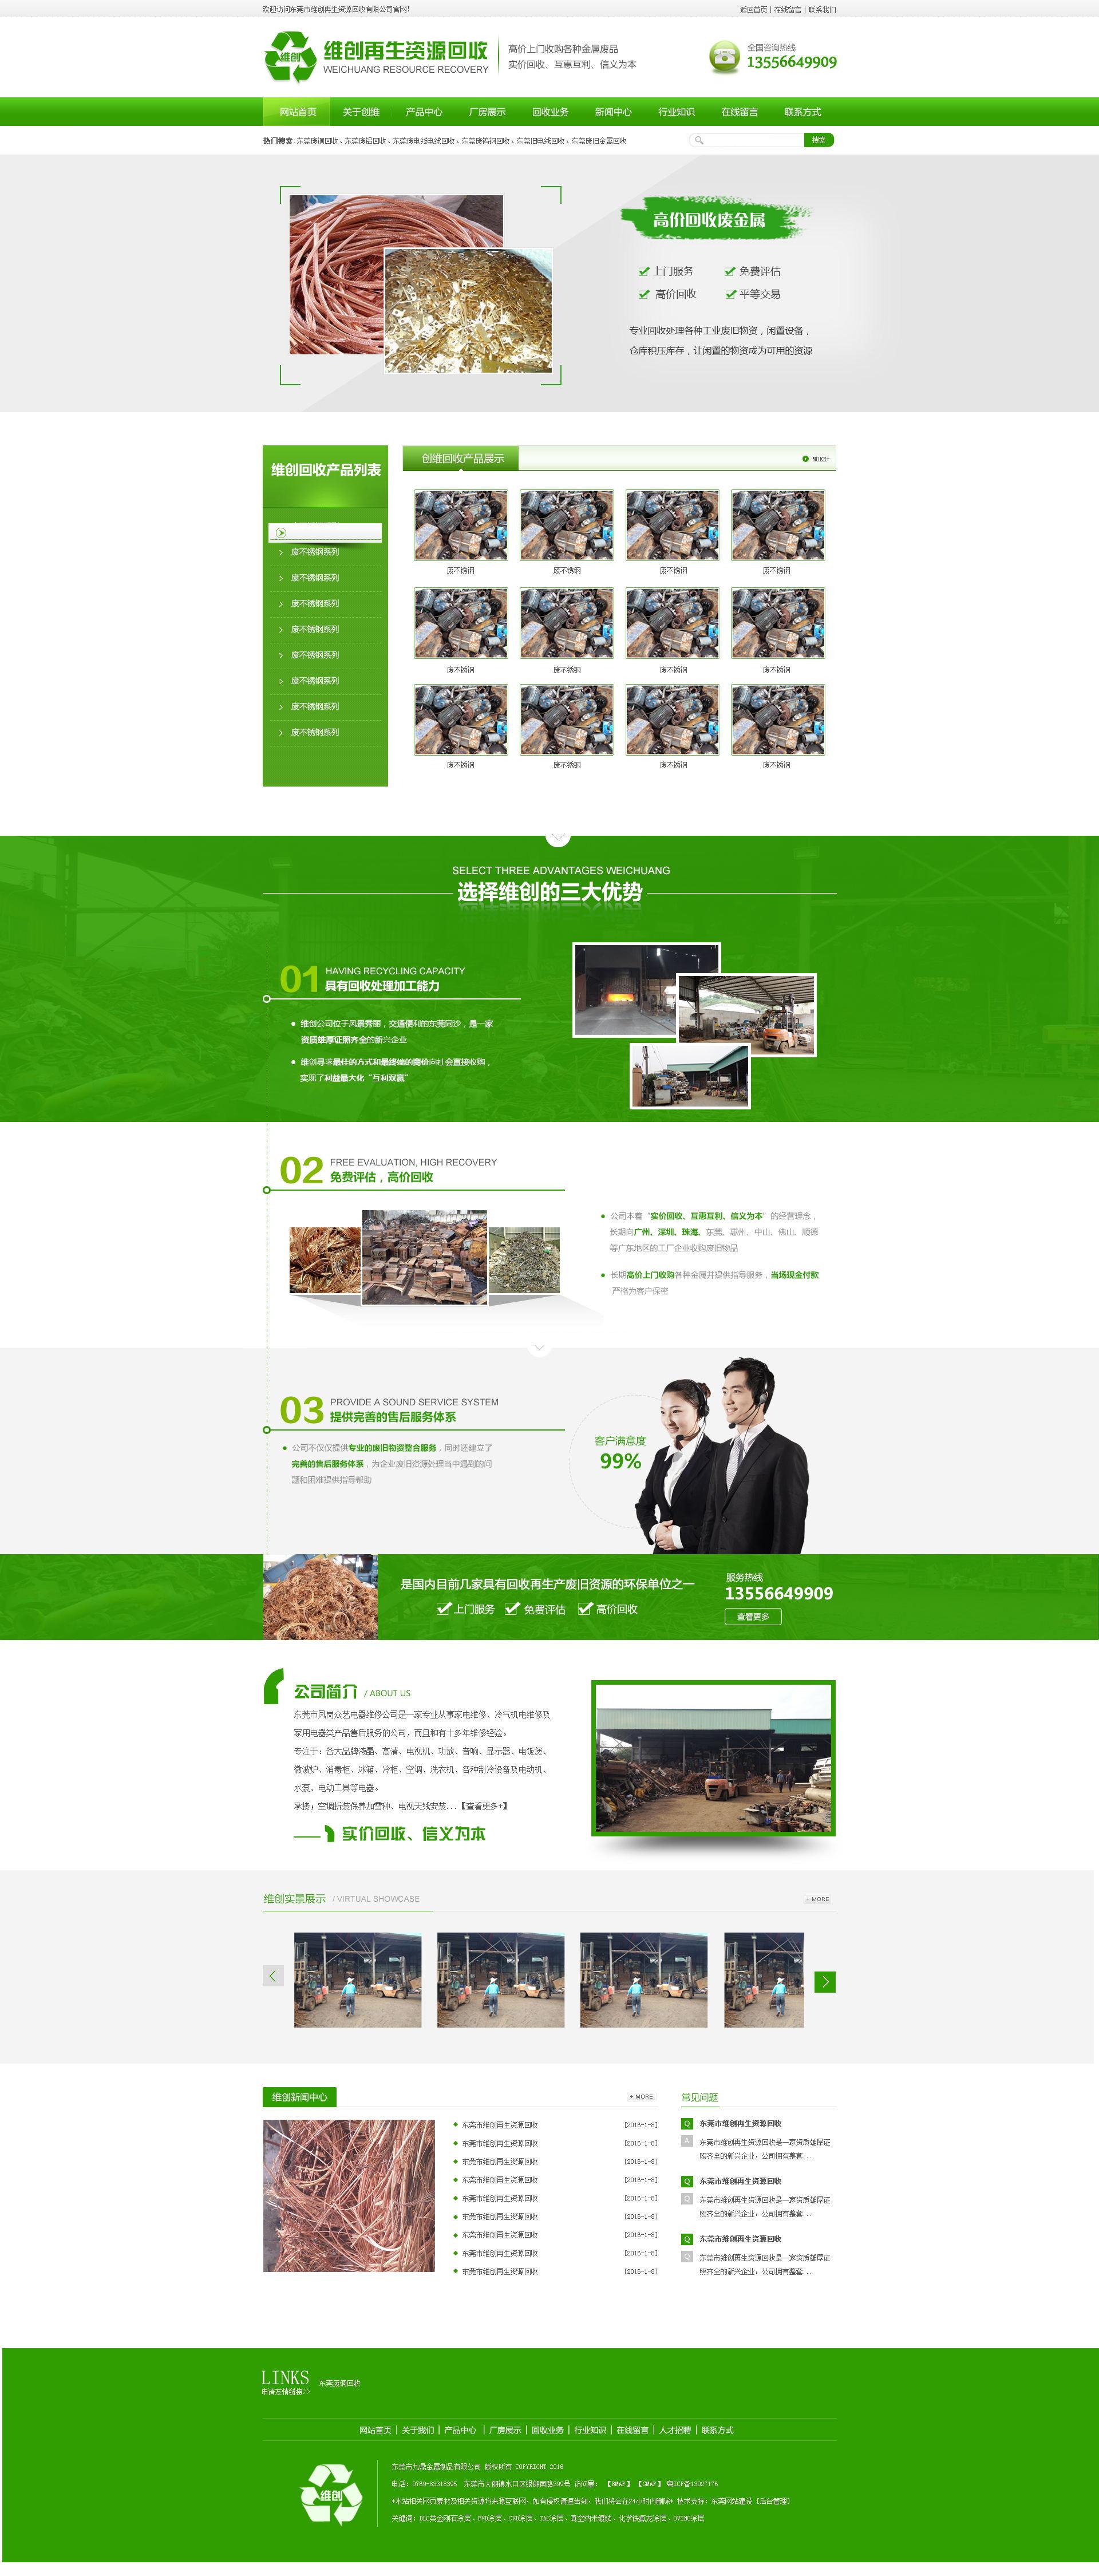 再生资源回收备案表_再生资源回收怎么注册 图片合集